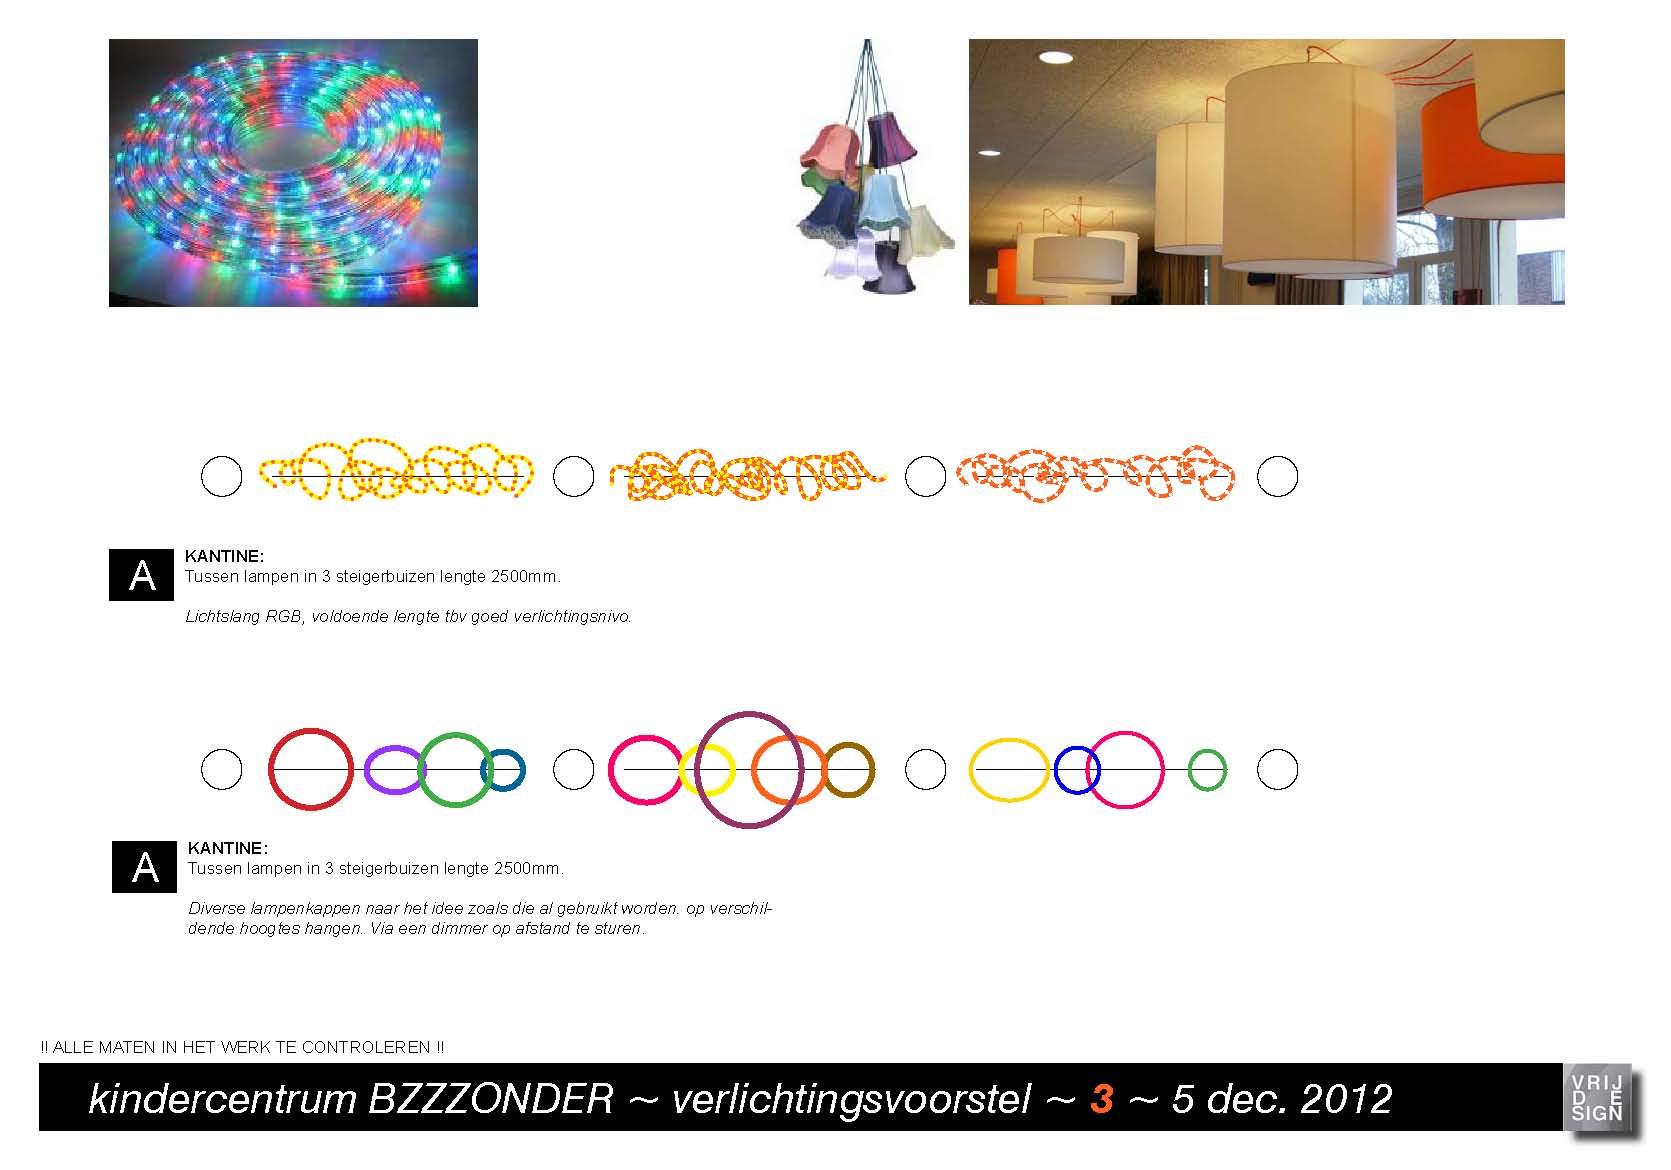 verlichtings ideeen - 5 dec 2012 (1)_Page_4